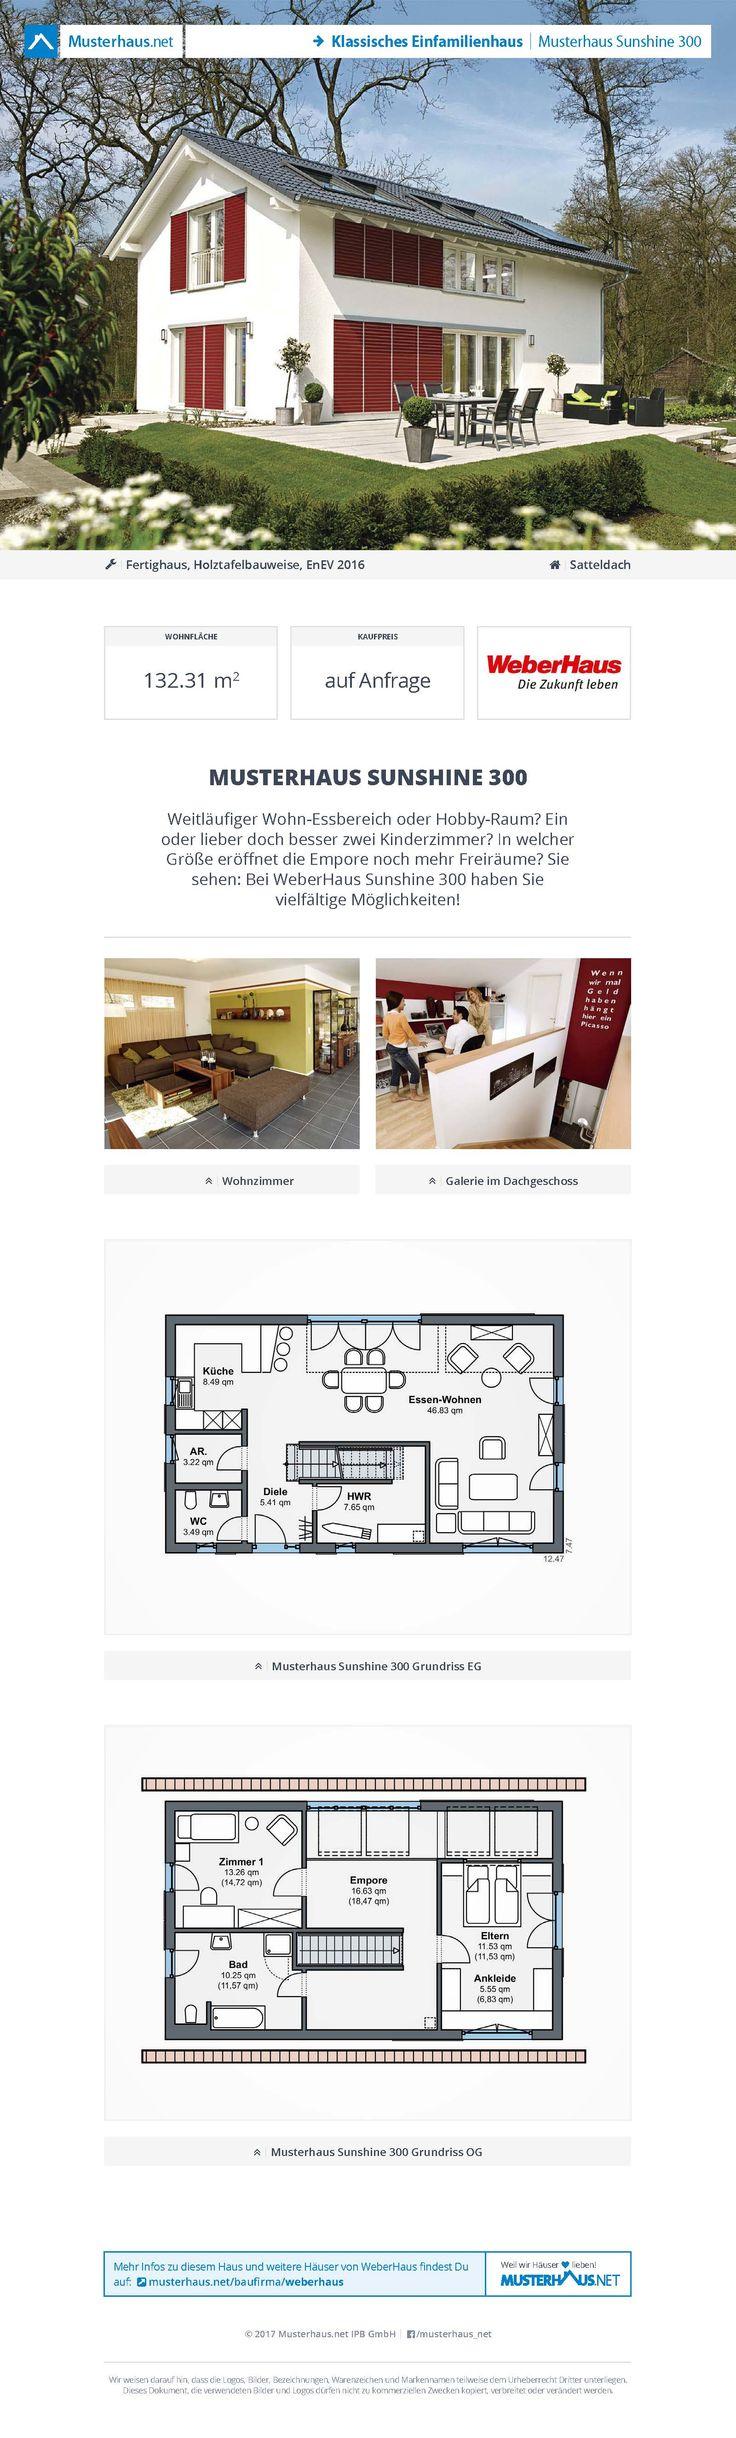 27 besten tető Bilder auf Pinterest | Haustypen, Hausbau und ...